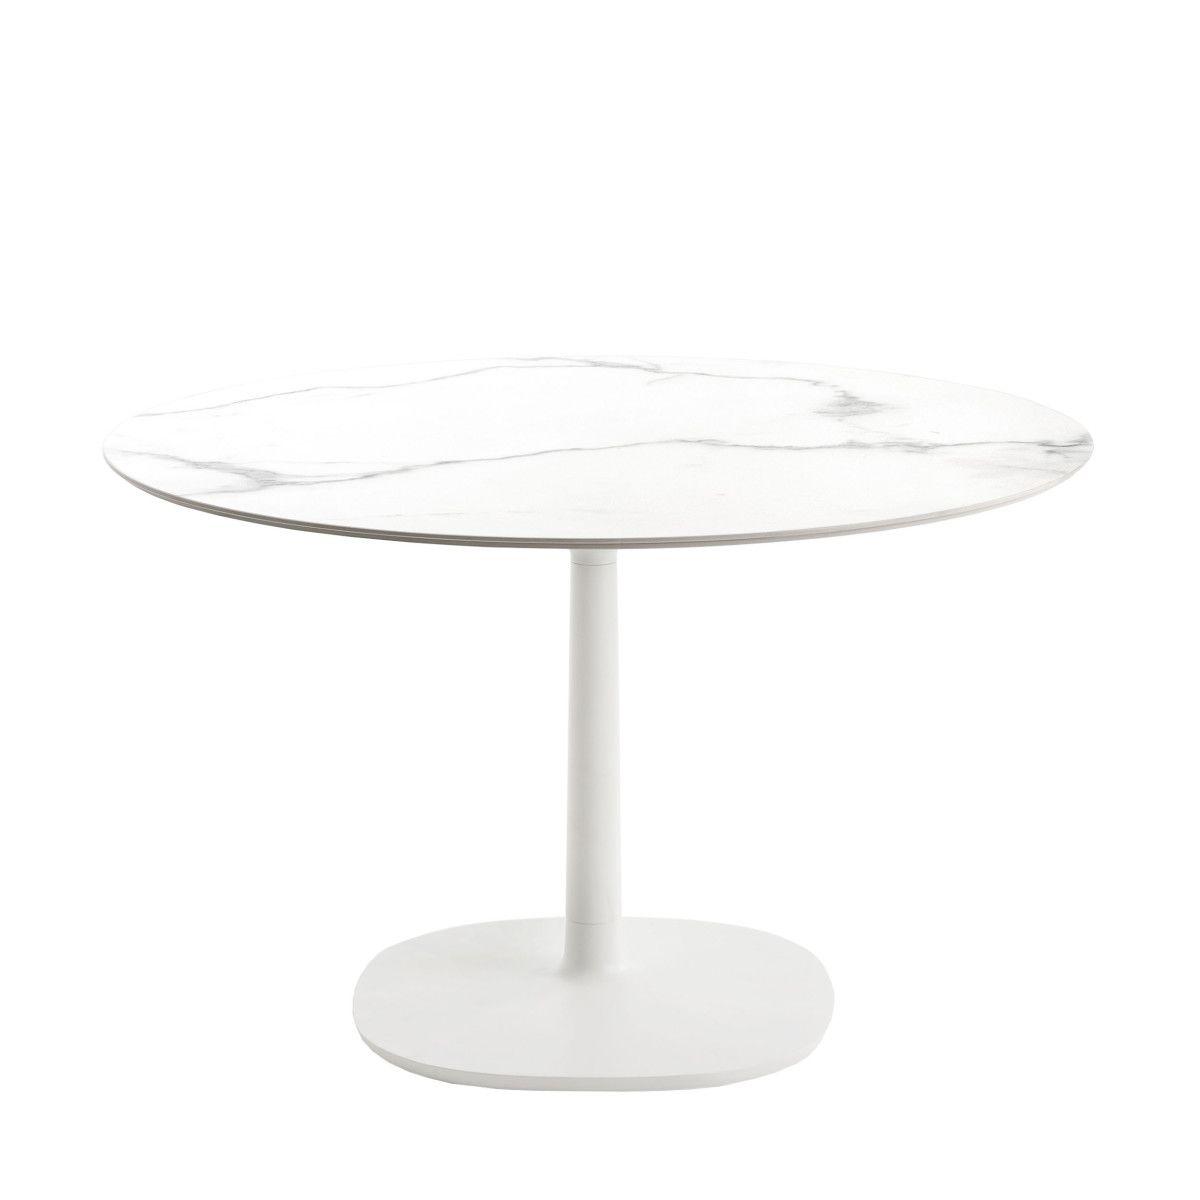 Multiplo Keramik Tisch rund mit Rundfu&szlig &oslash118 wei&szlig ...